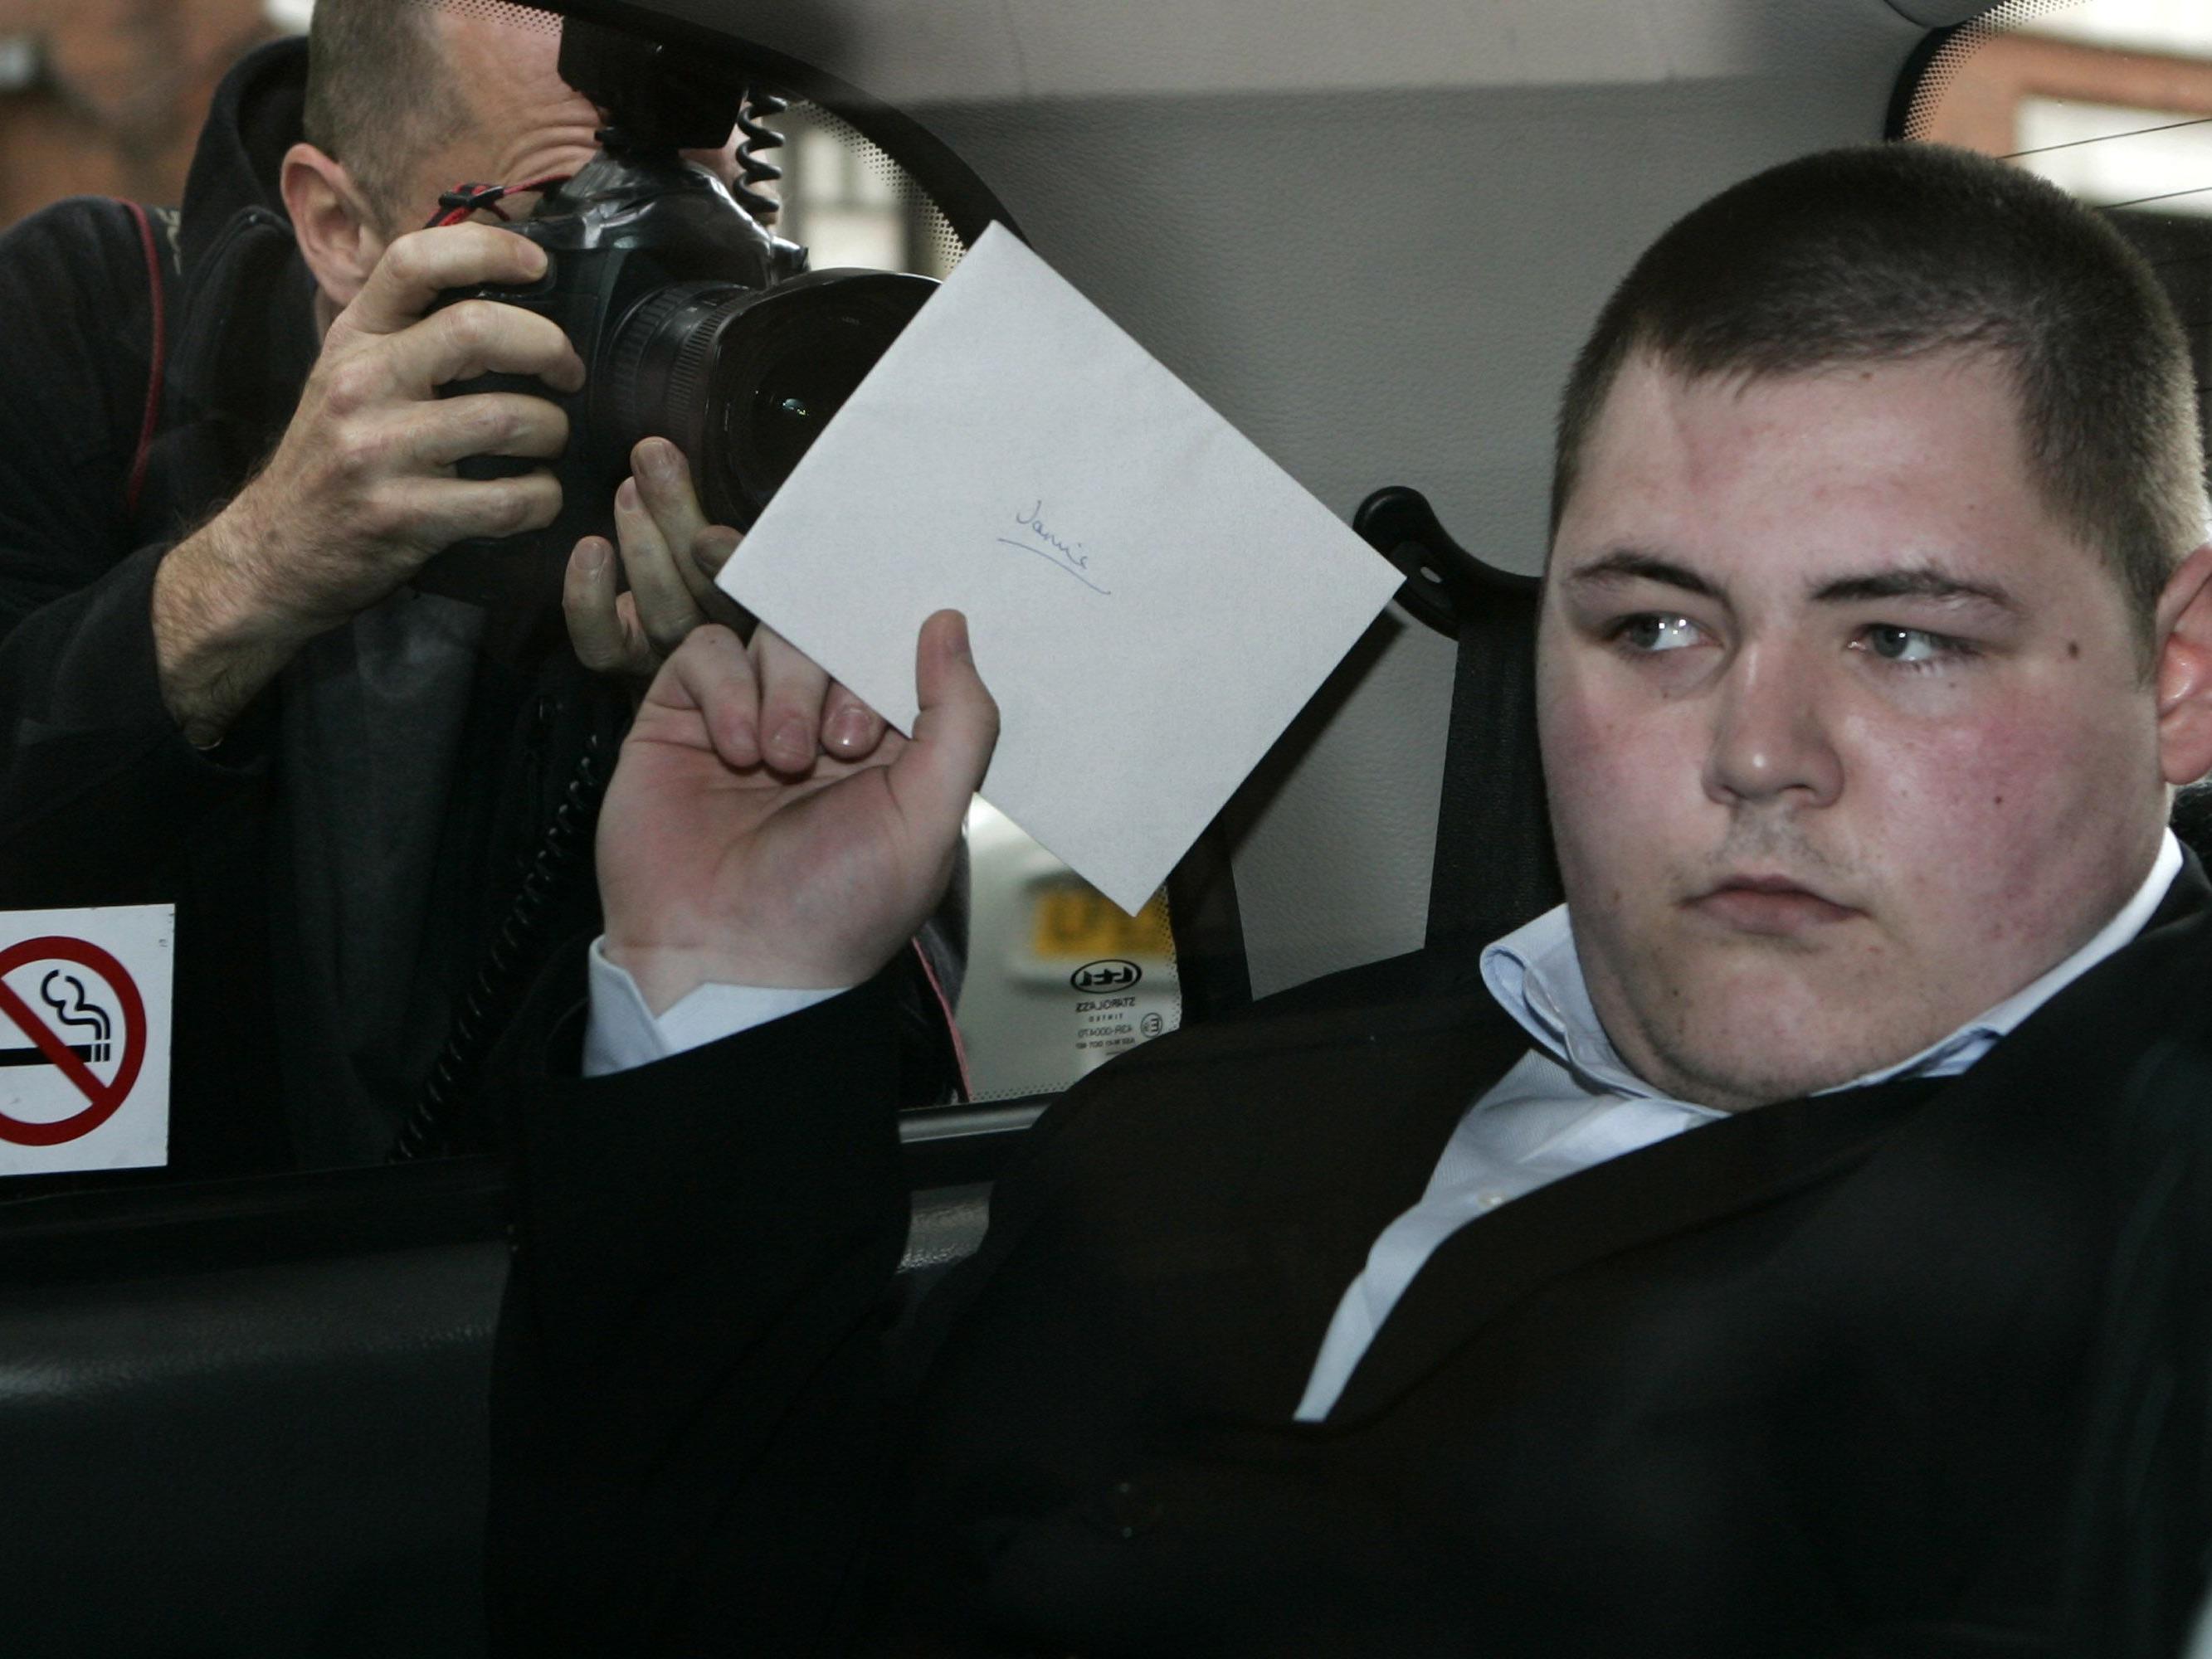 Jamie Waylett für Gewalt bei Londoner Jugendkrawallen verurteilt.